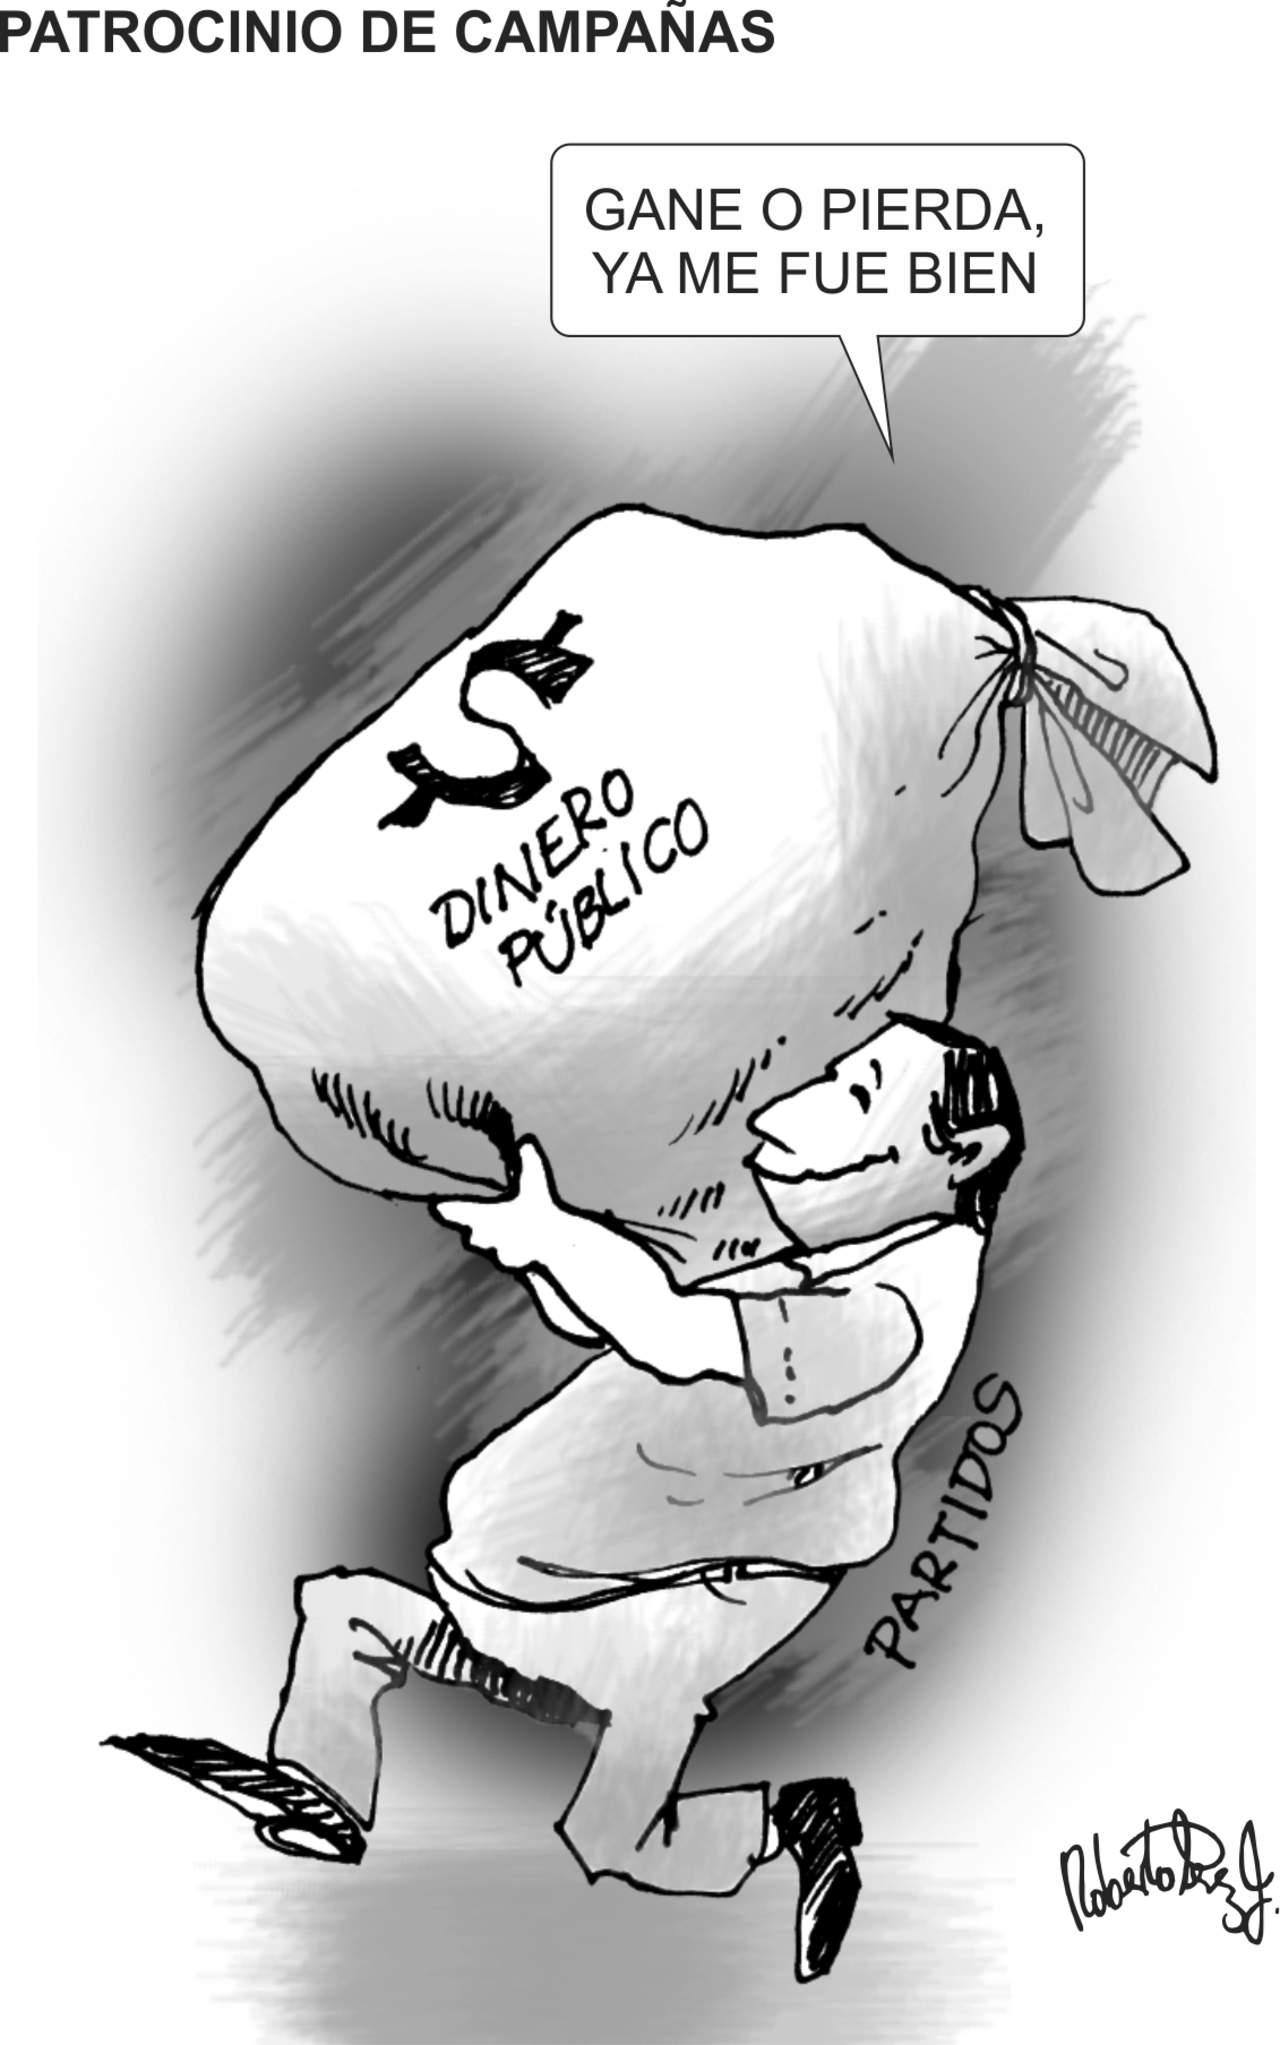 Cartón de R. Pérez